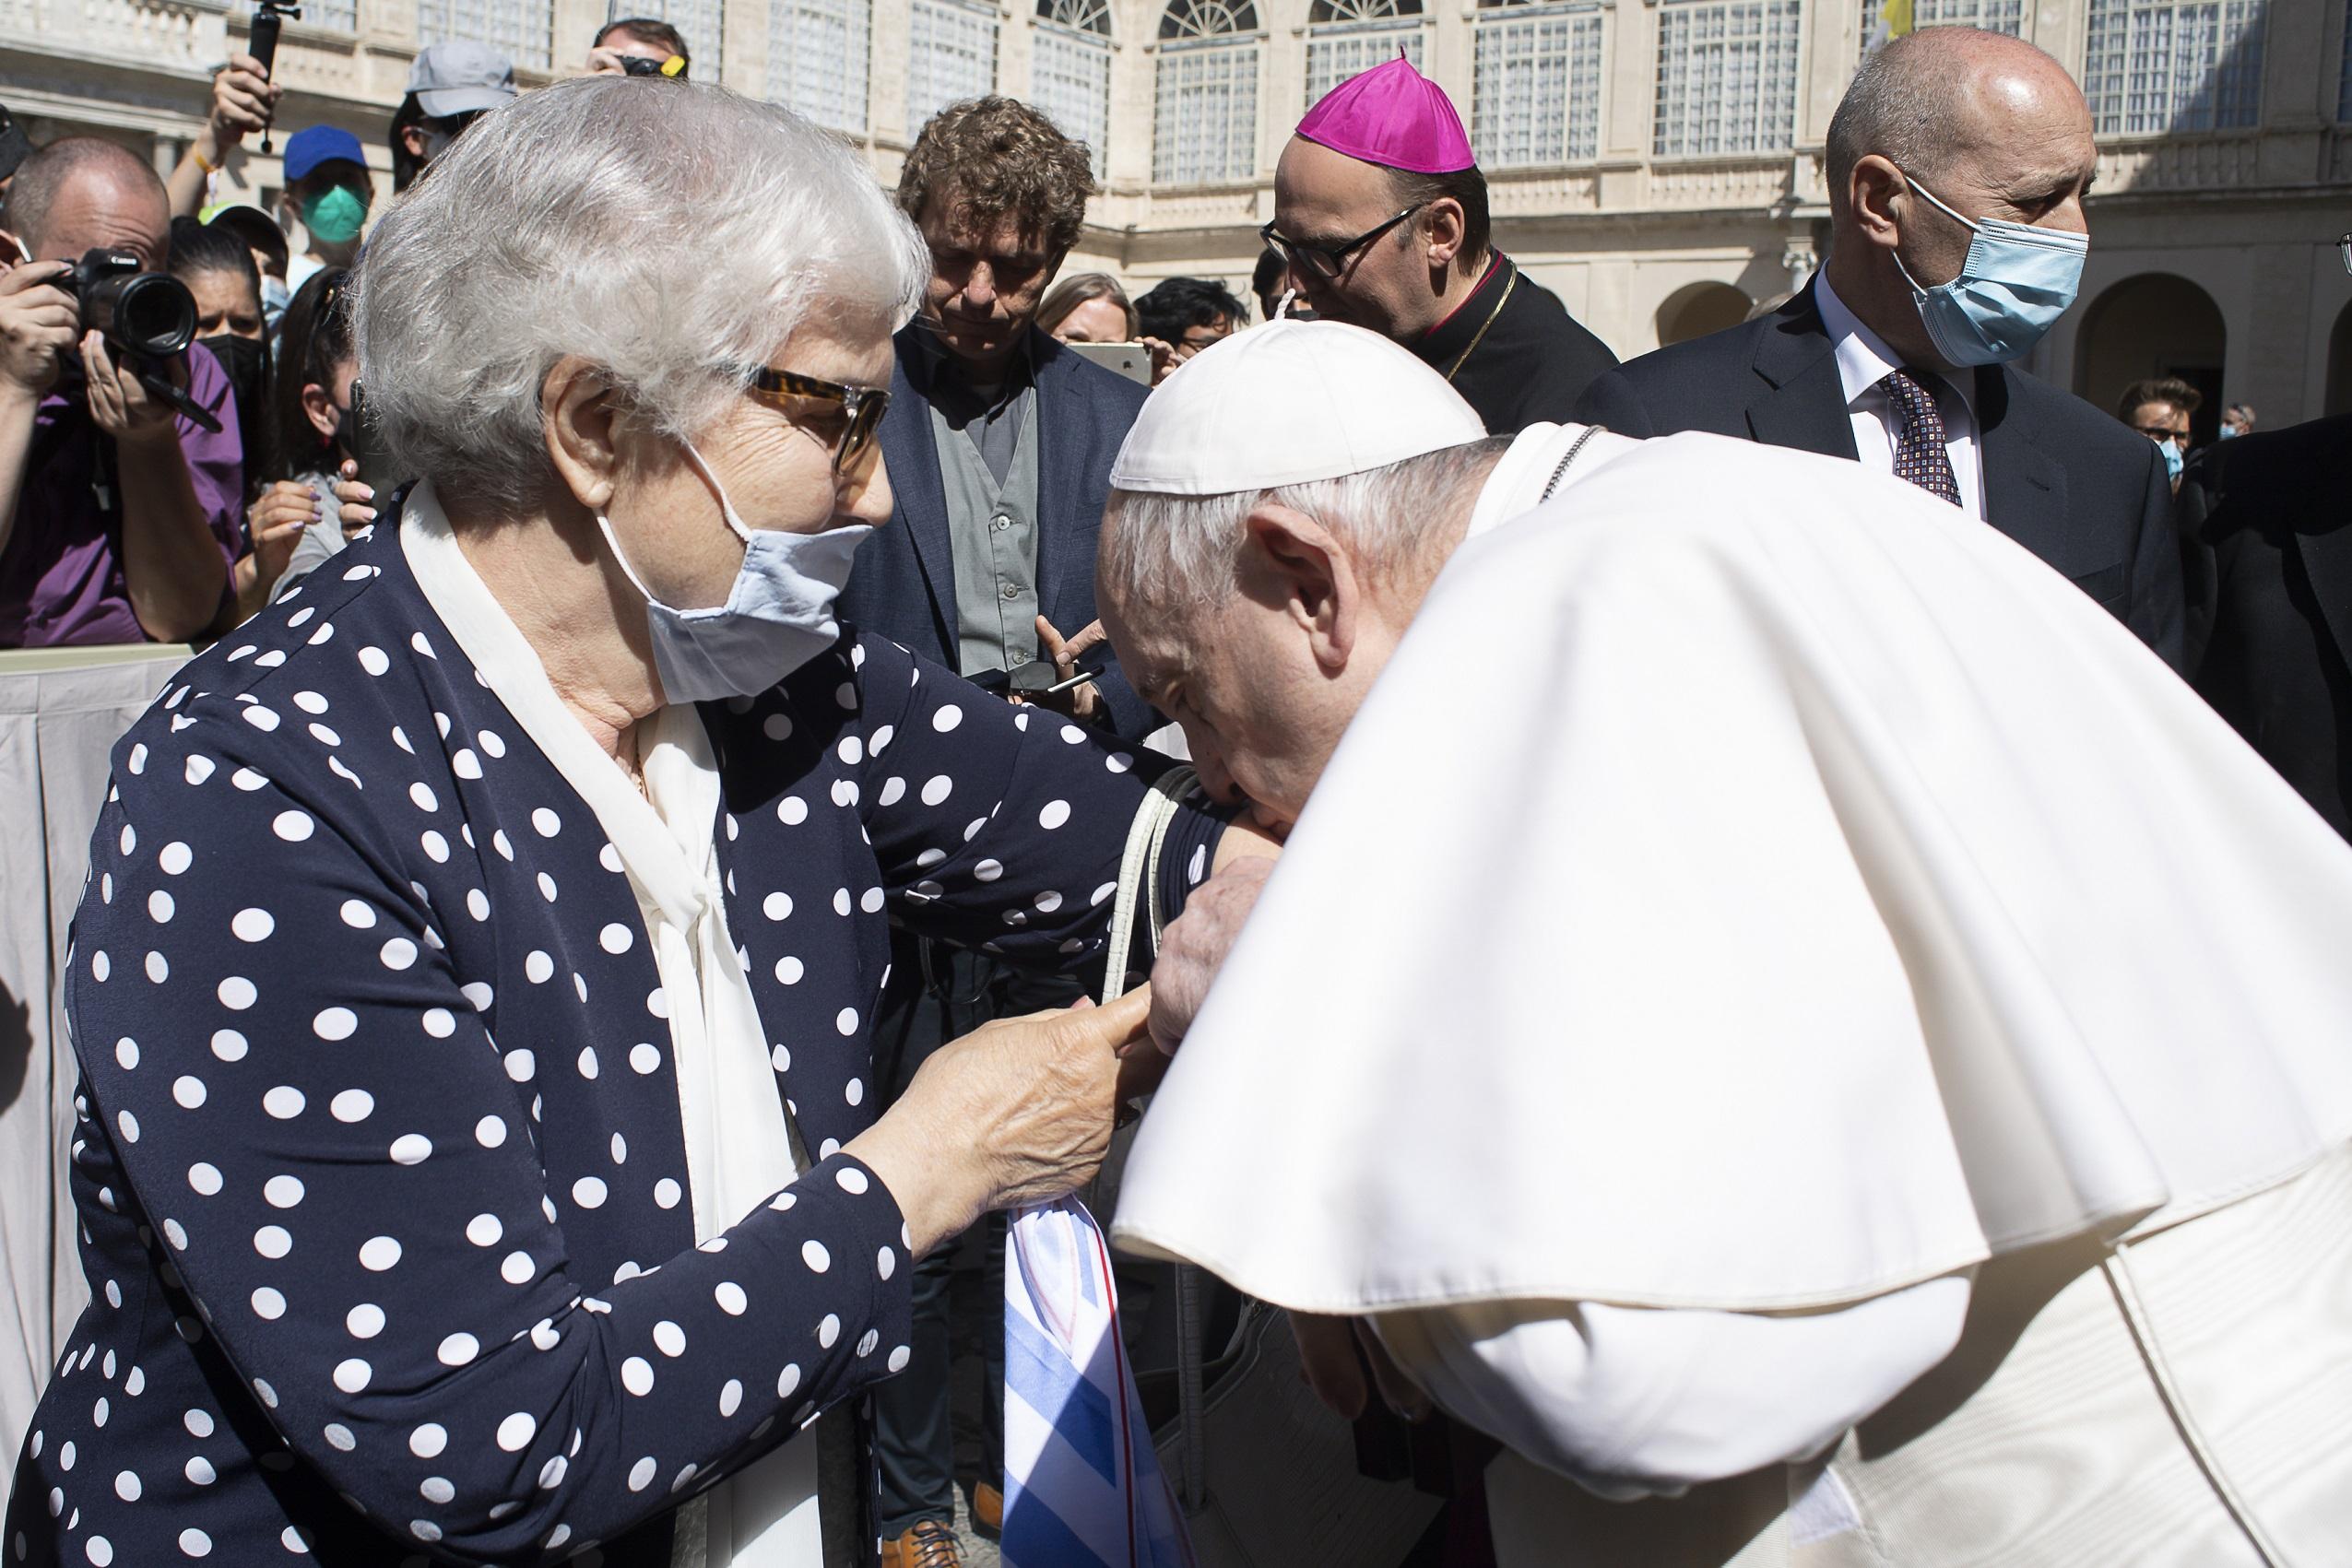 Lidia Maksymowicz © Vatican Media